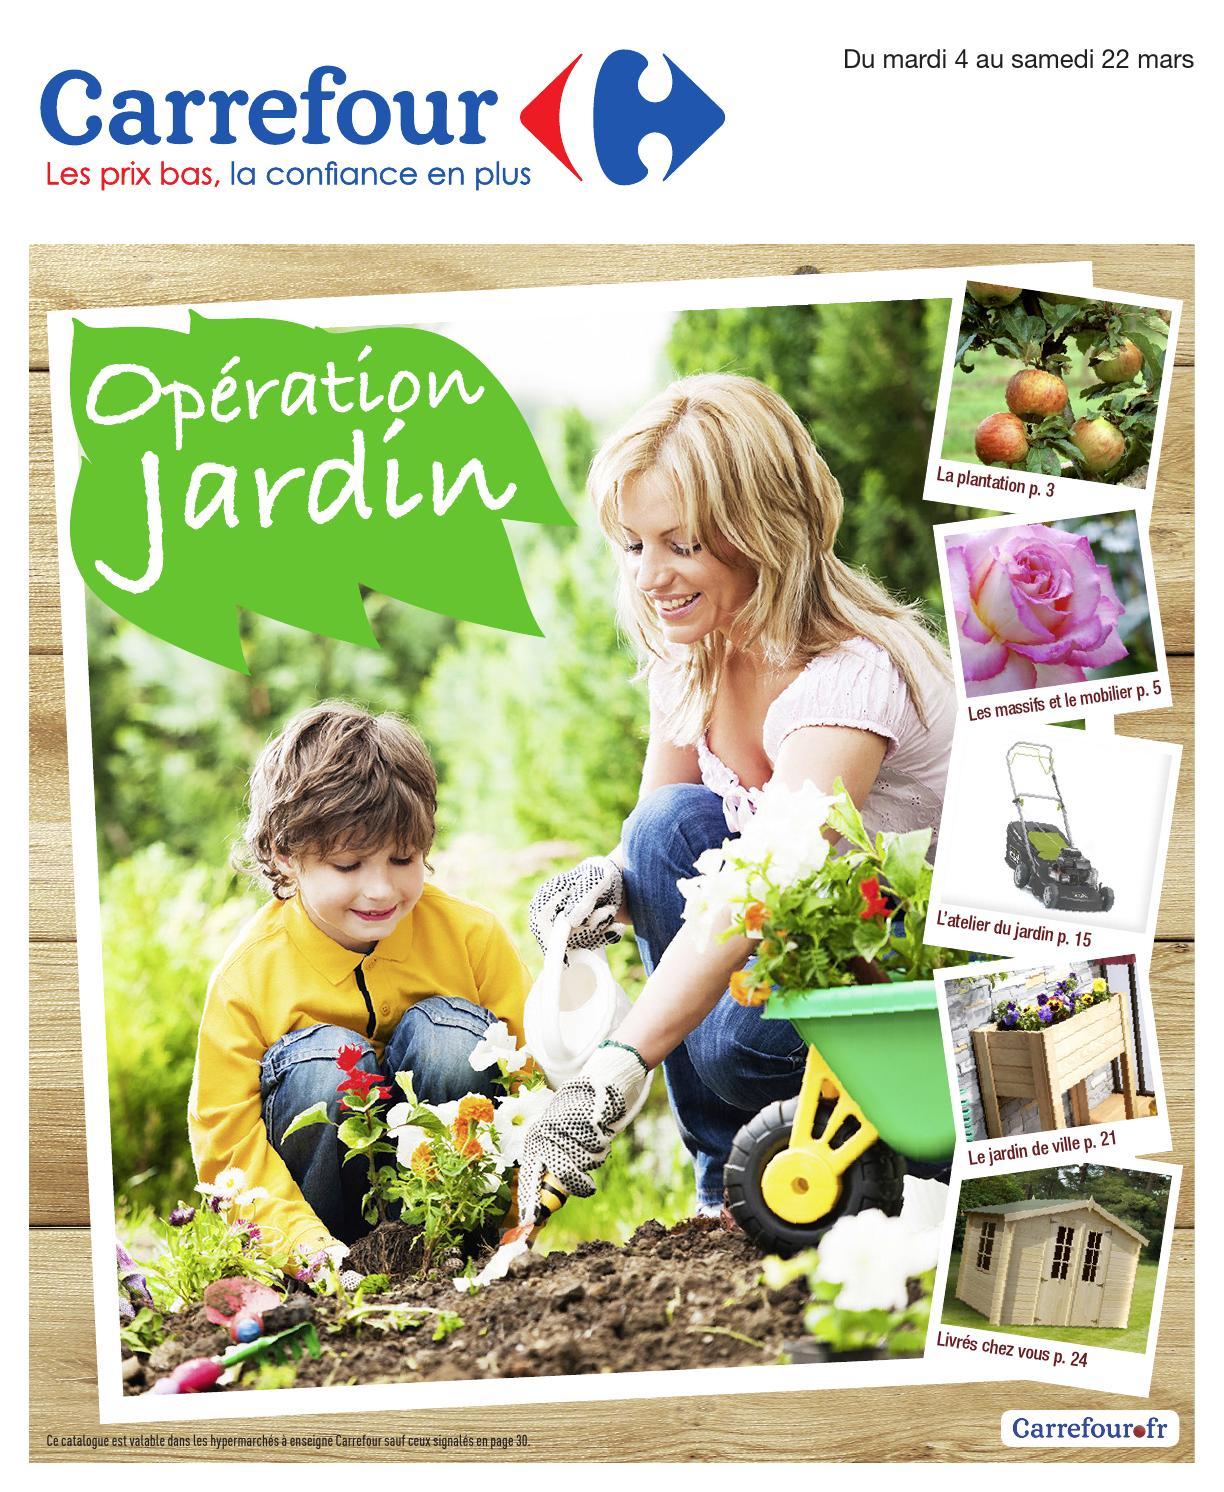 Catalogue Carrefour - 4-22.03.2014 By Joe Monroe - Issuu pour Salon De Jardin Pas Cher Carrefour